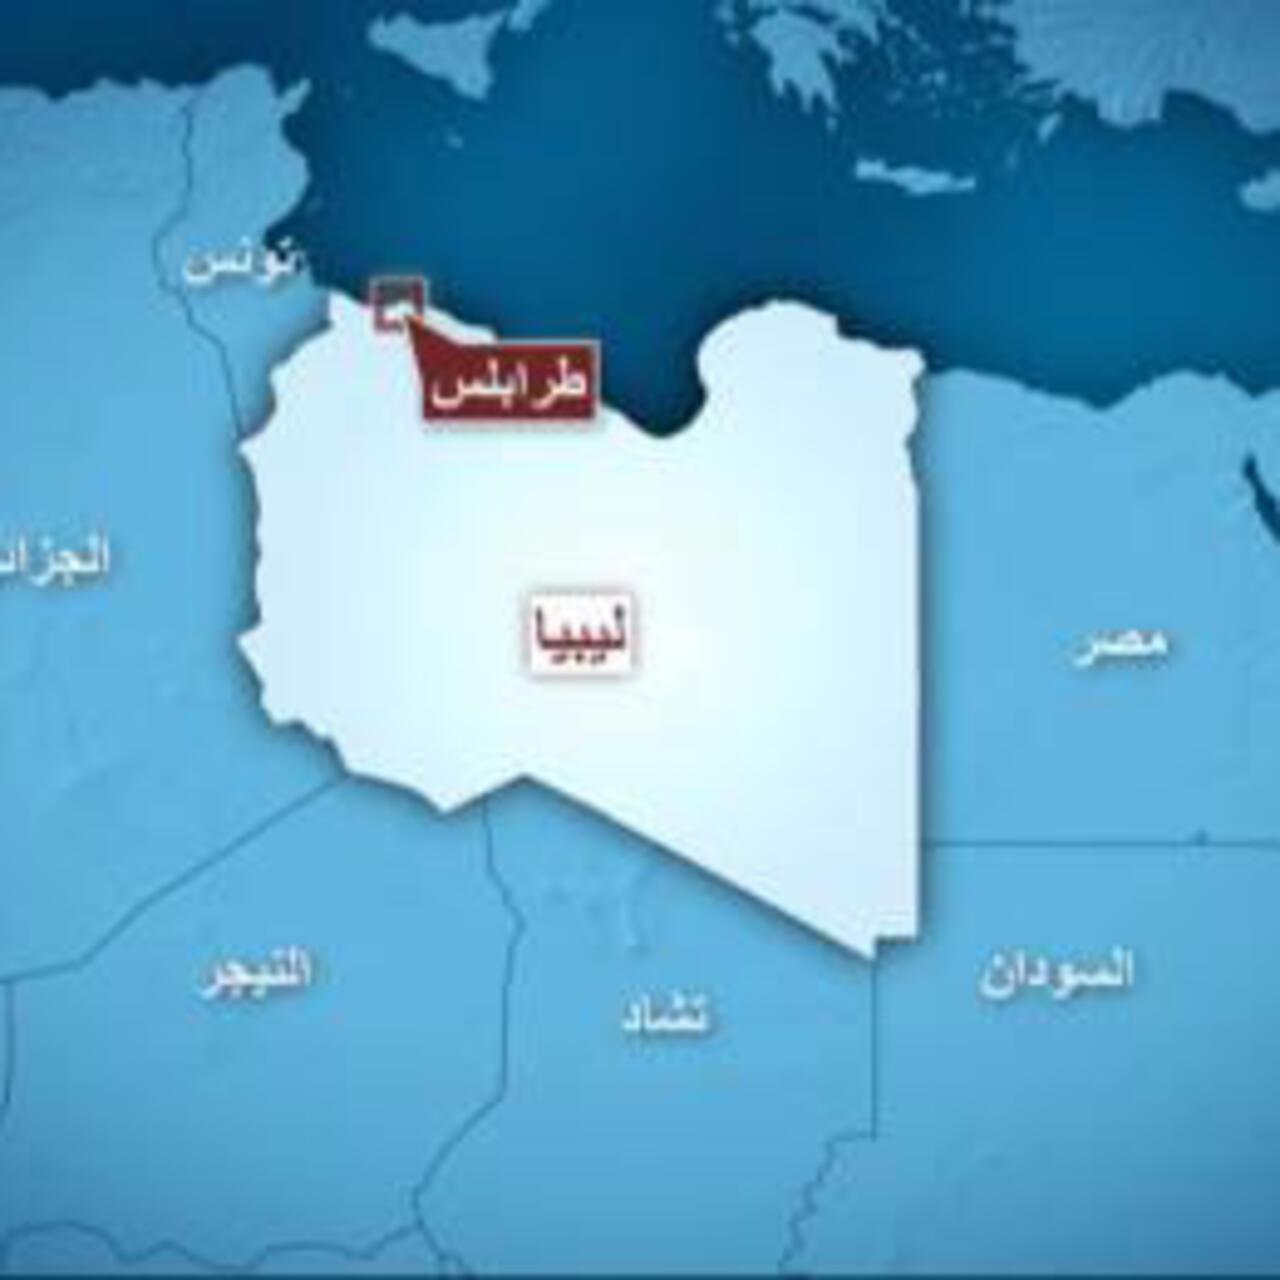 ليبيا تحتفل بعيد الأضحى الخميس خلافا لجميع الدول الإسلامية